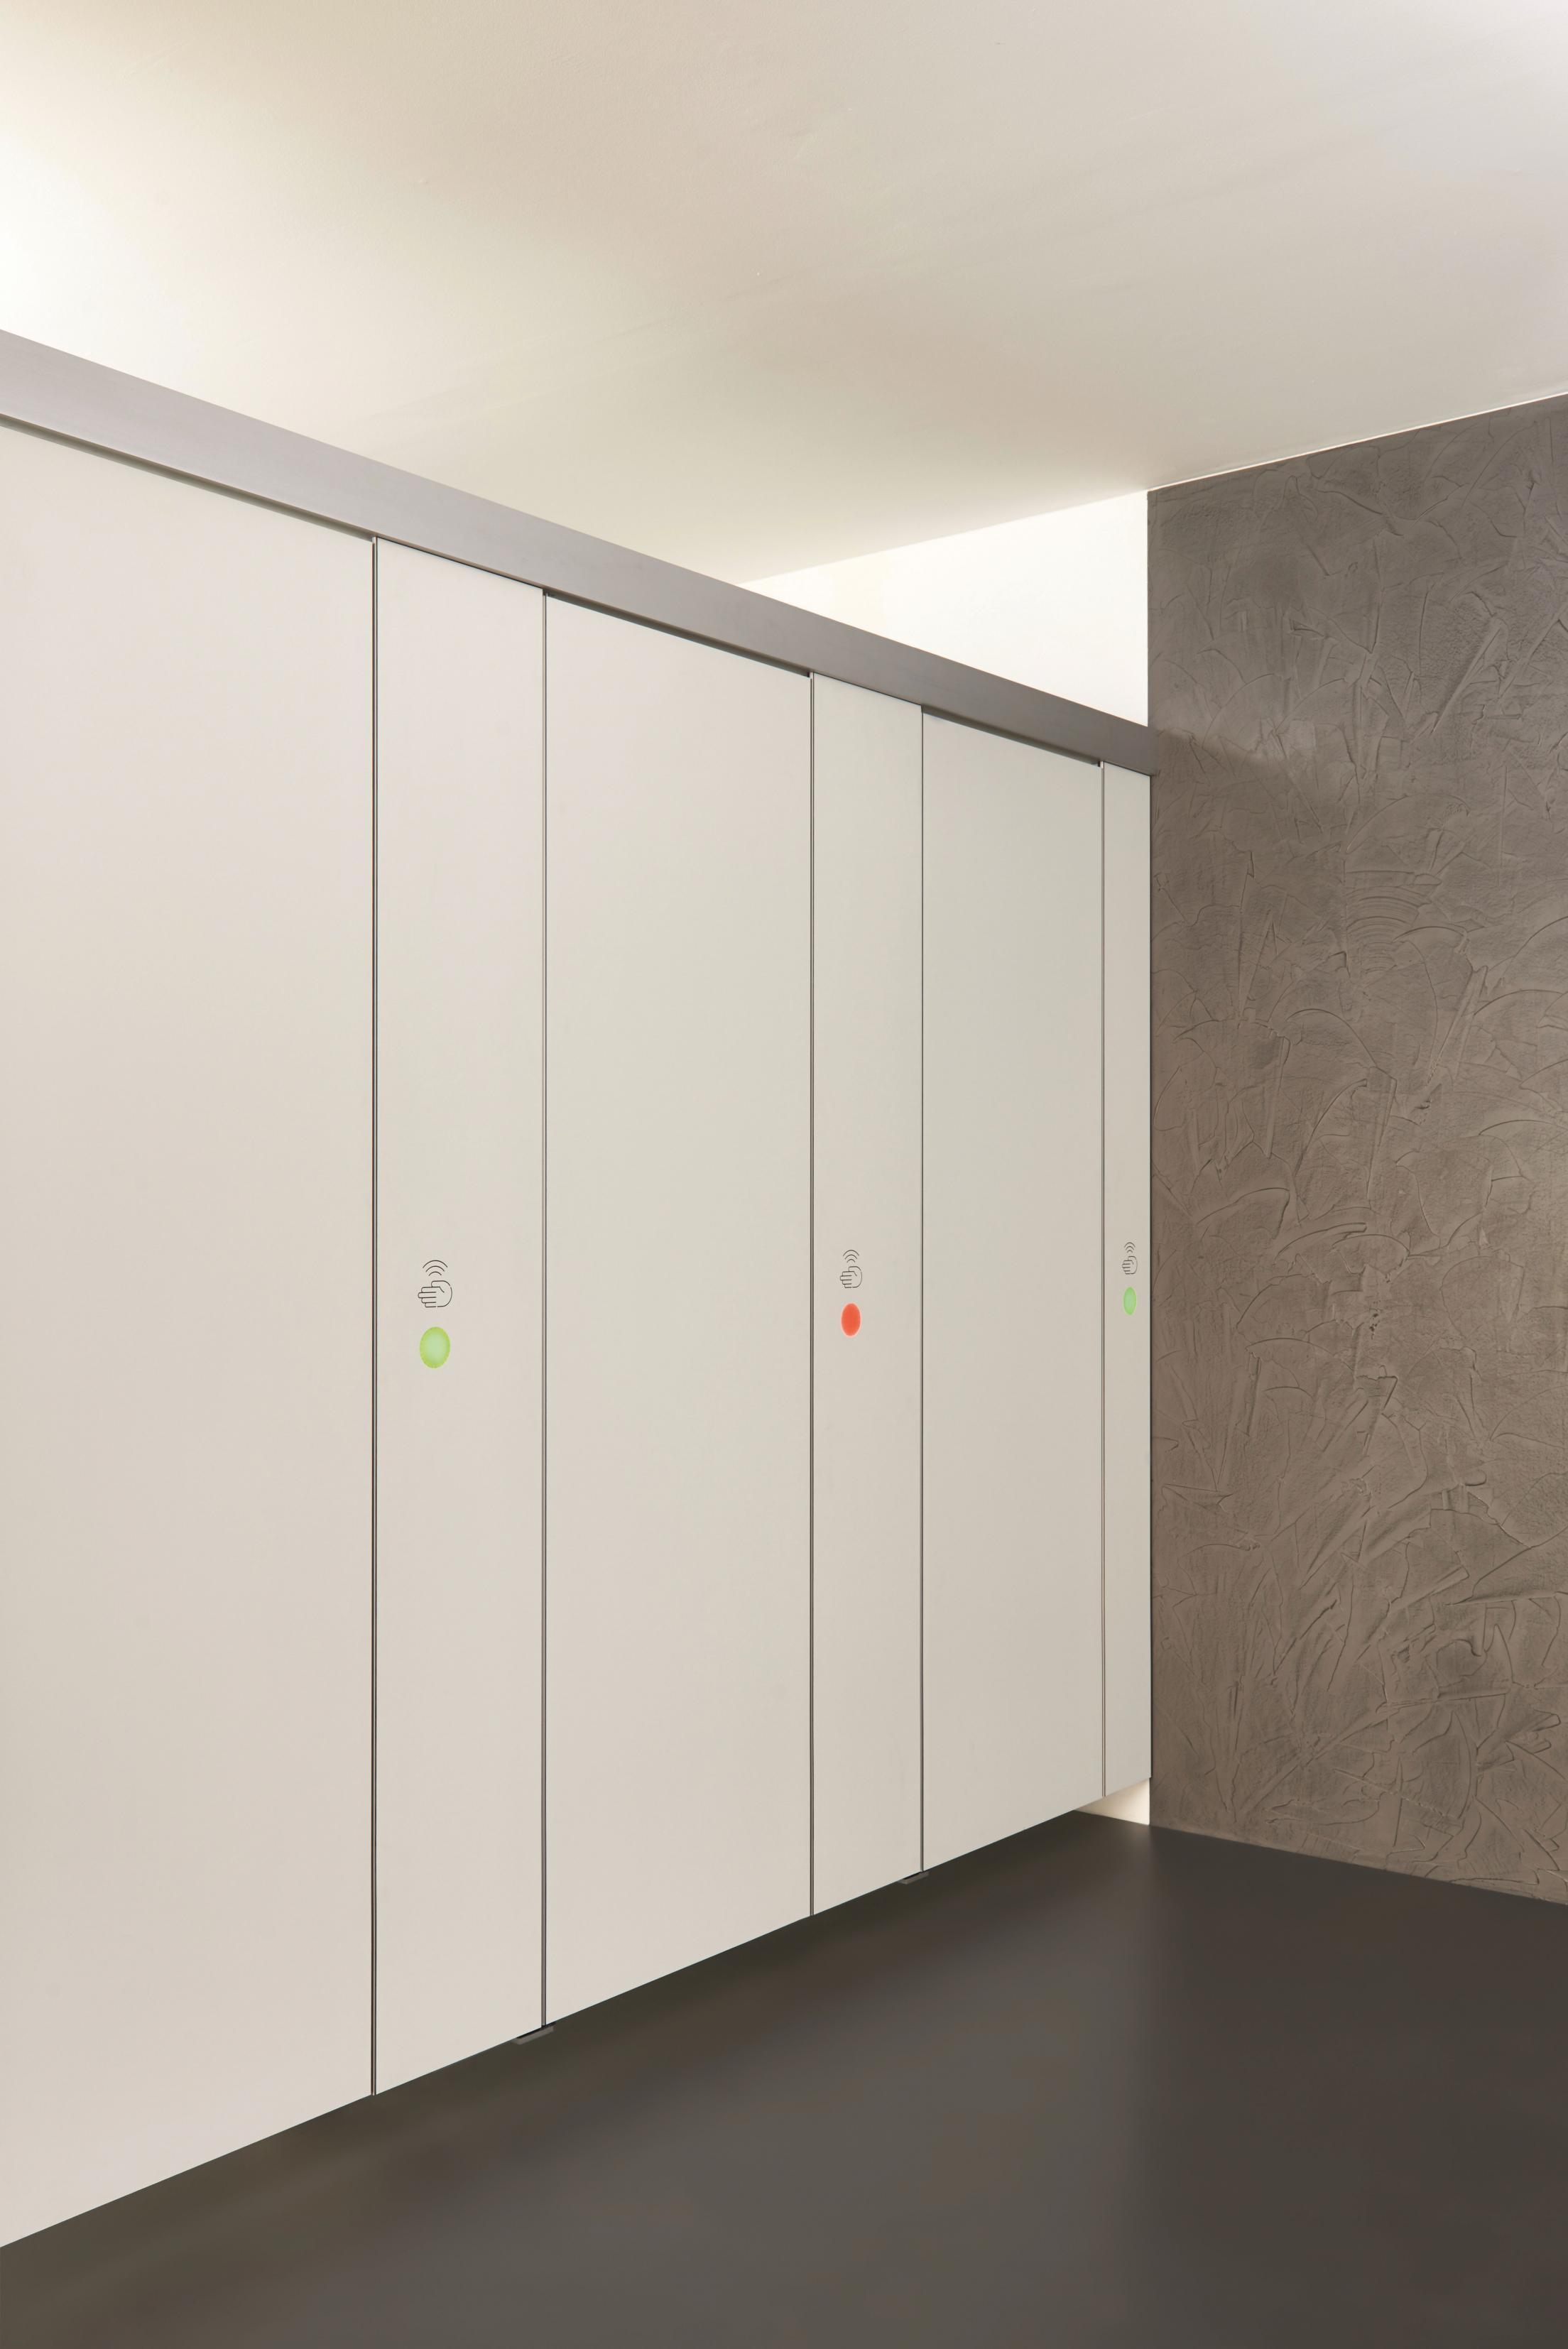 Die berührungsfreie WC-Trennwand: EF-3 LOOK&WAVE - Winner Building